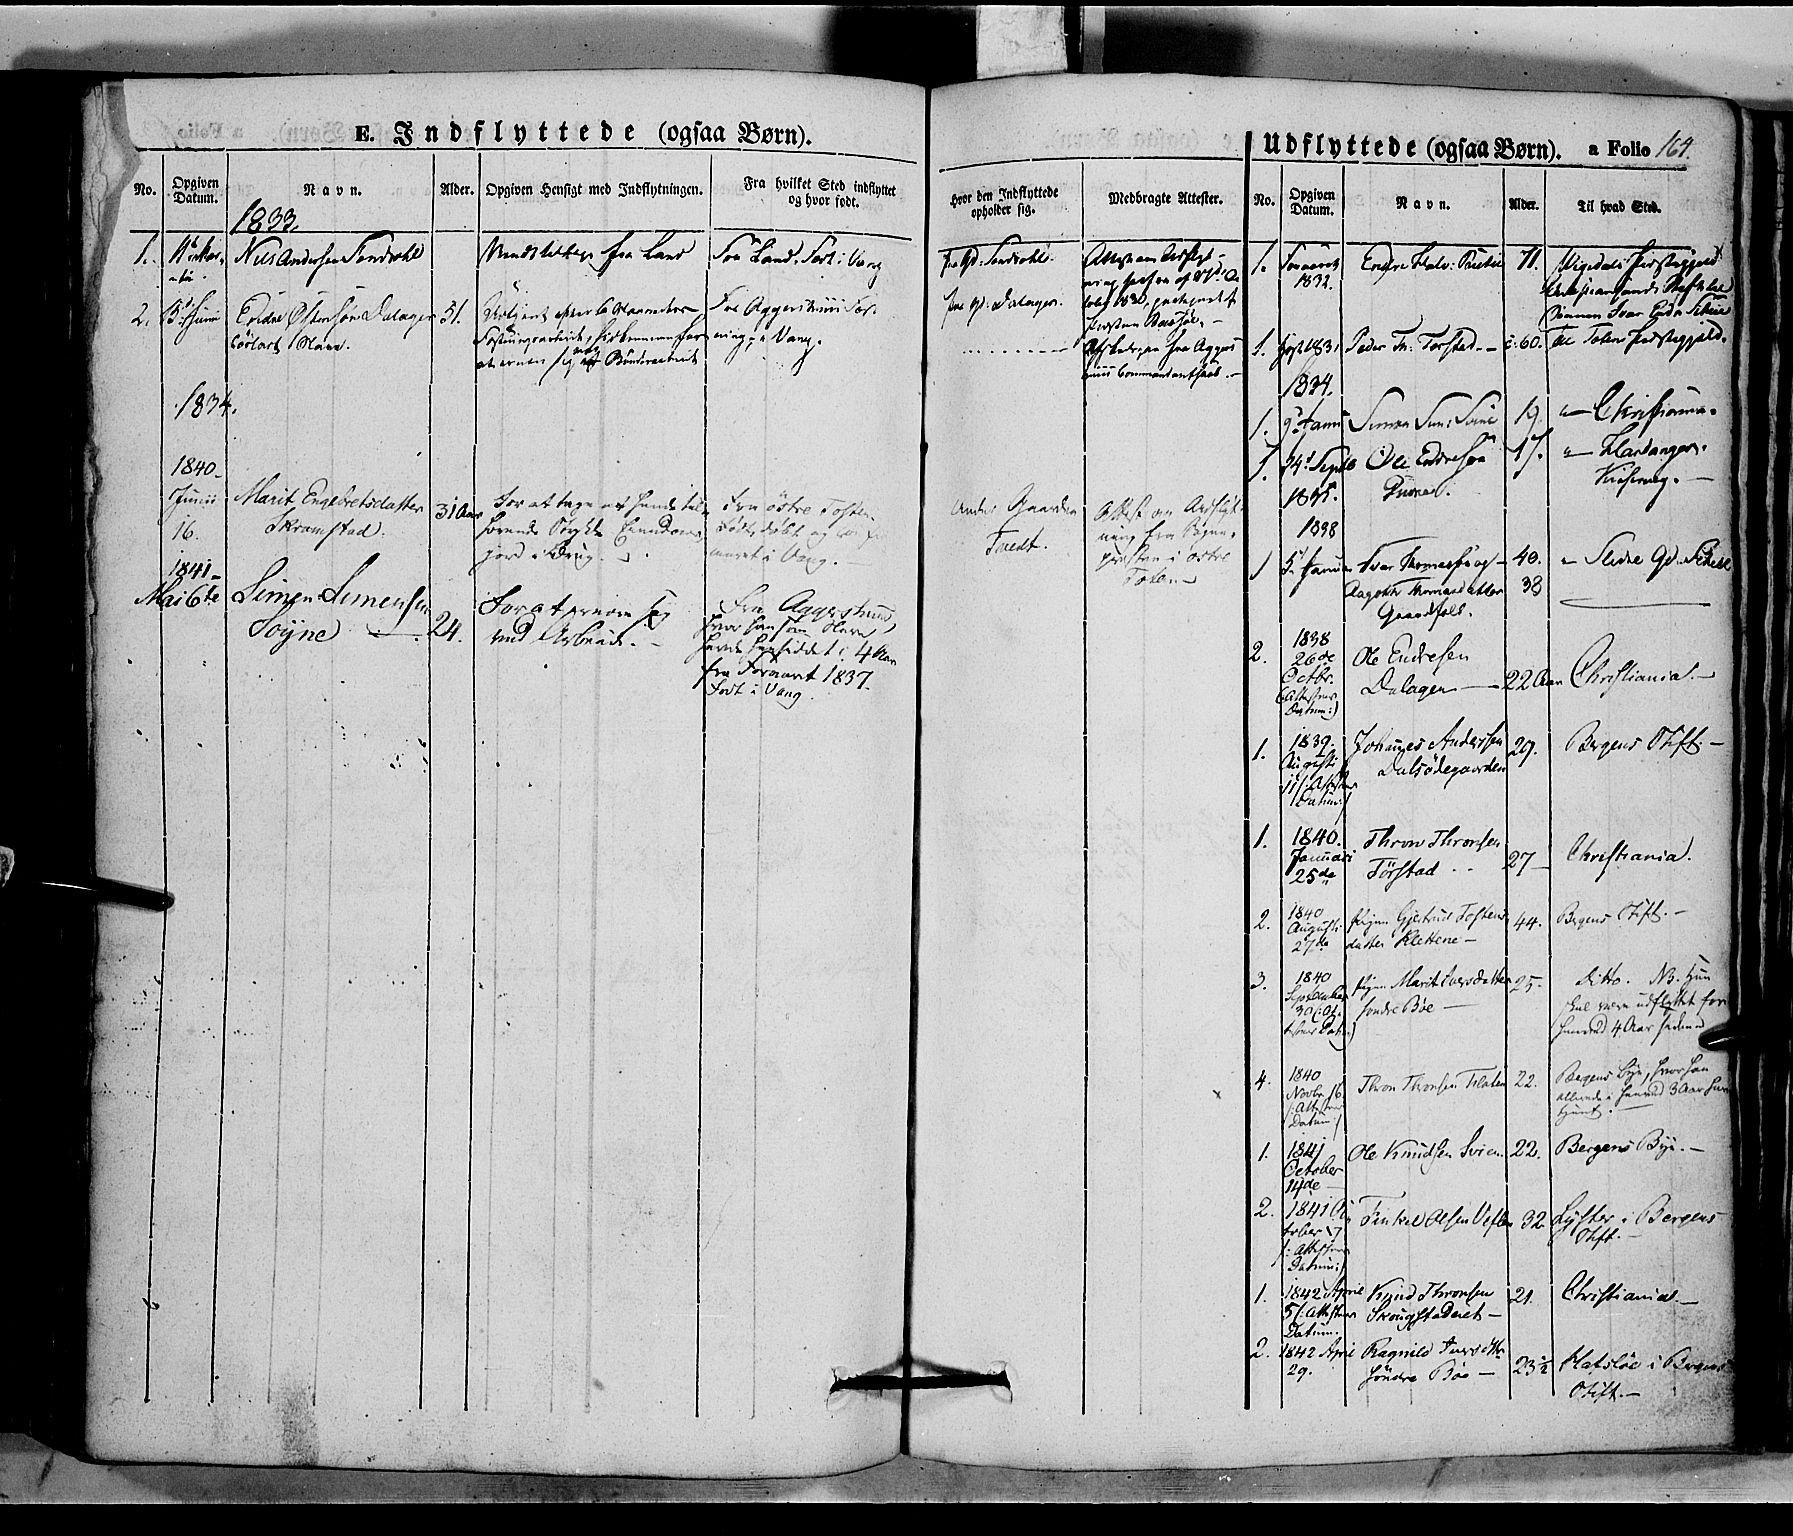 SAH, Vang prestekontor, Valdres, Ministerialbok nr. 5, 1831-1845, s. 164